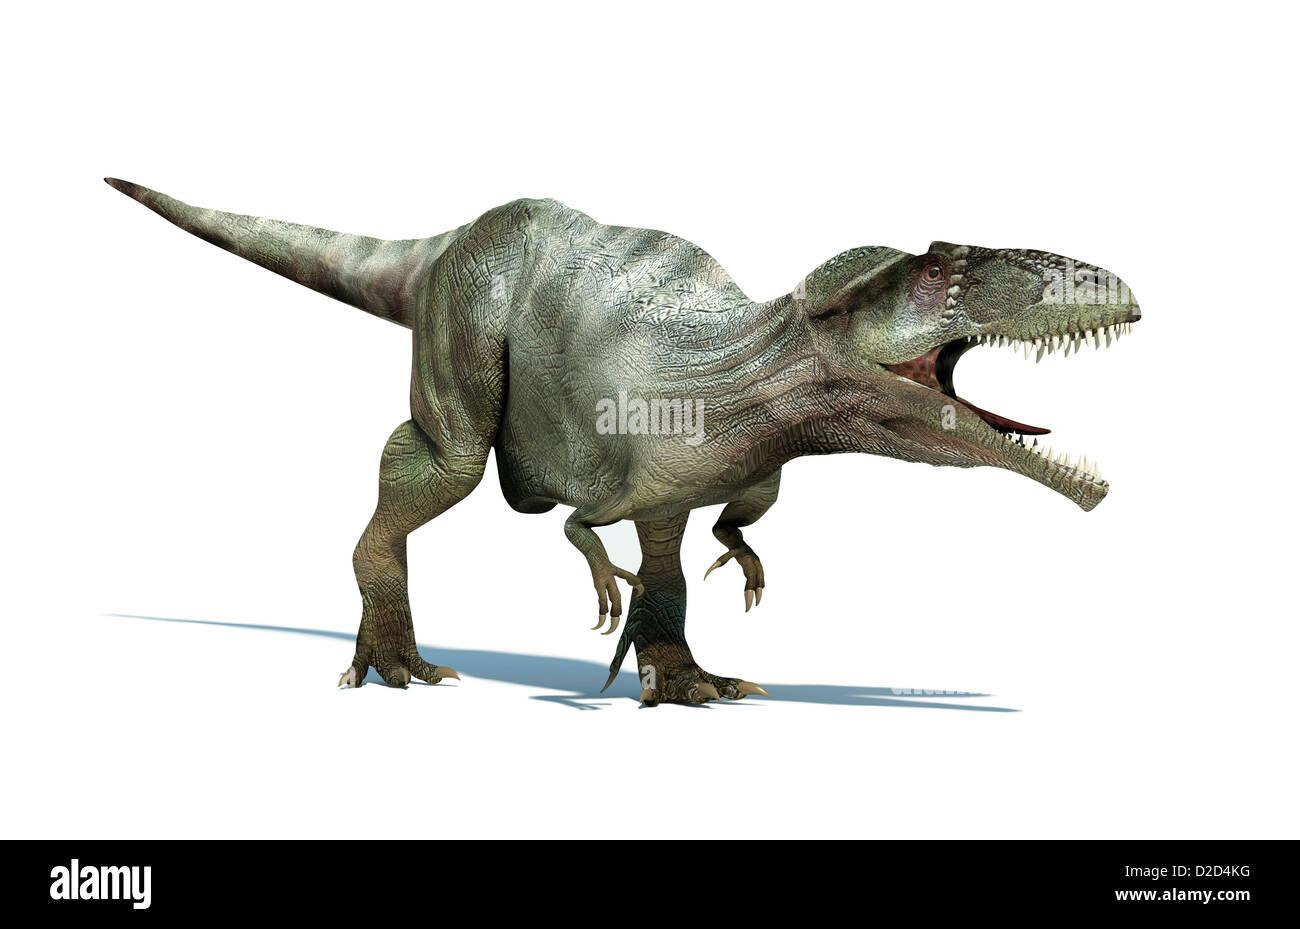 Giganotosaurus dinosaur artwork - Stock Image